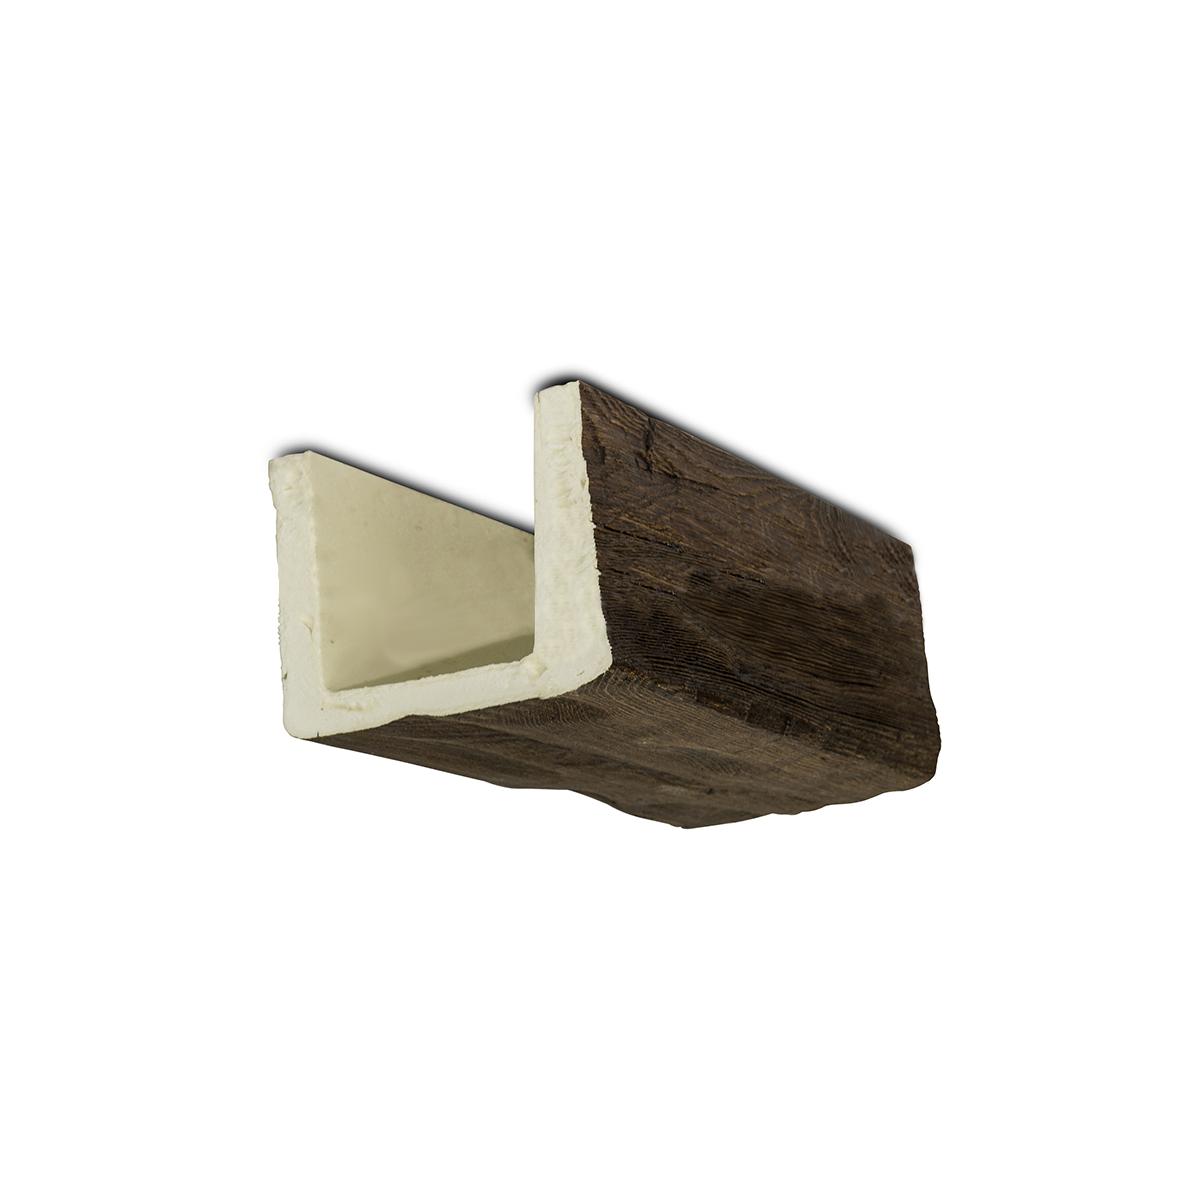 Viga 300x16x13 imitación madera